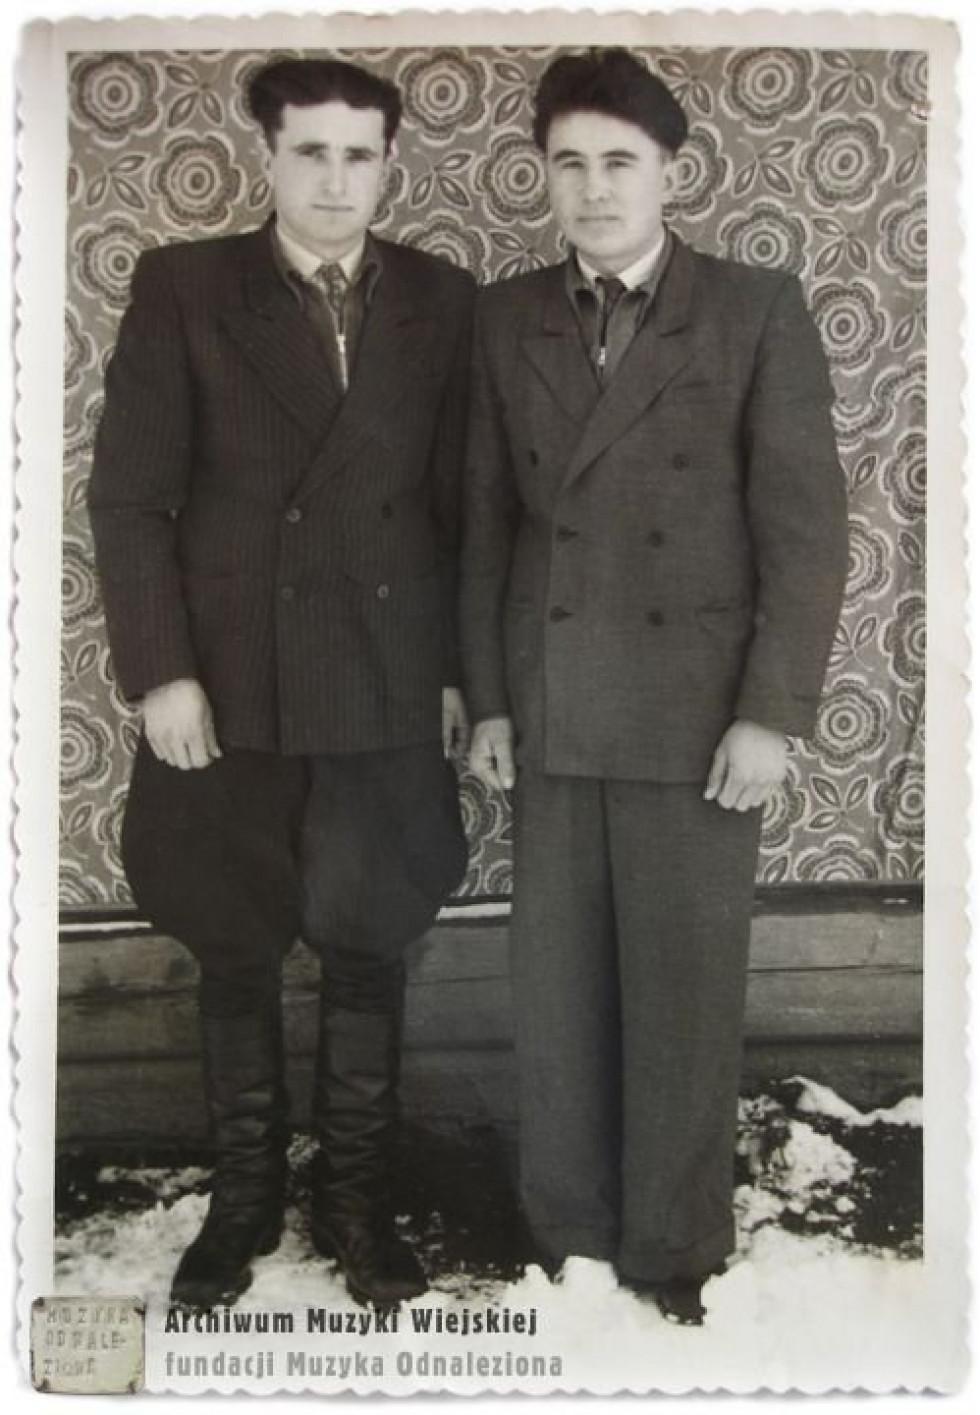 Чоловіки, 1950-ті роки